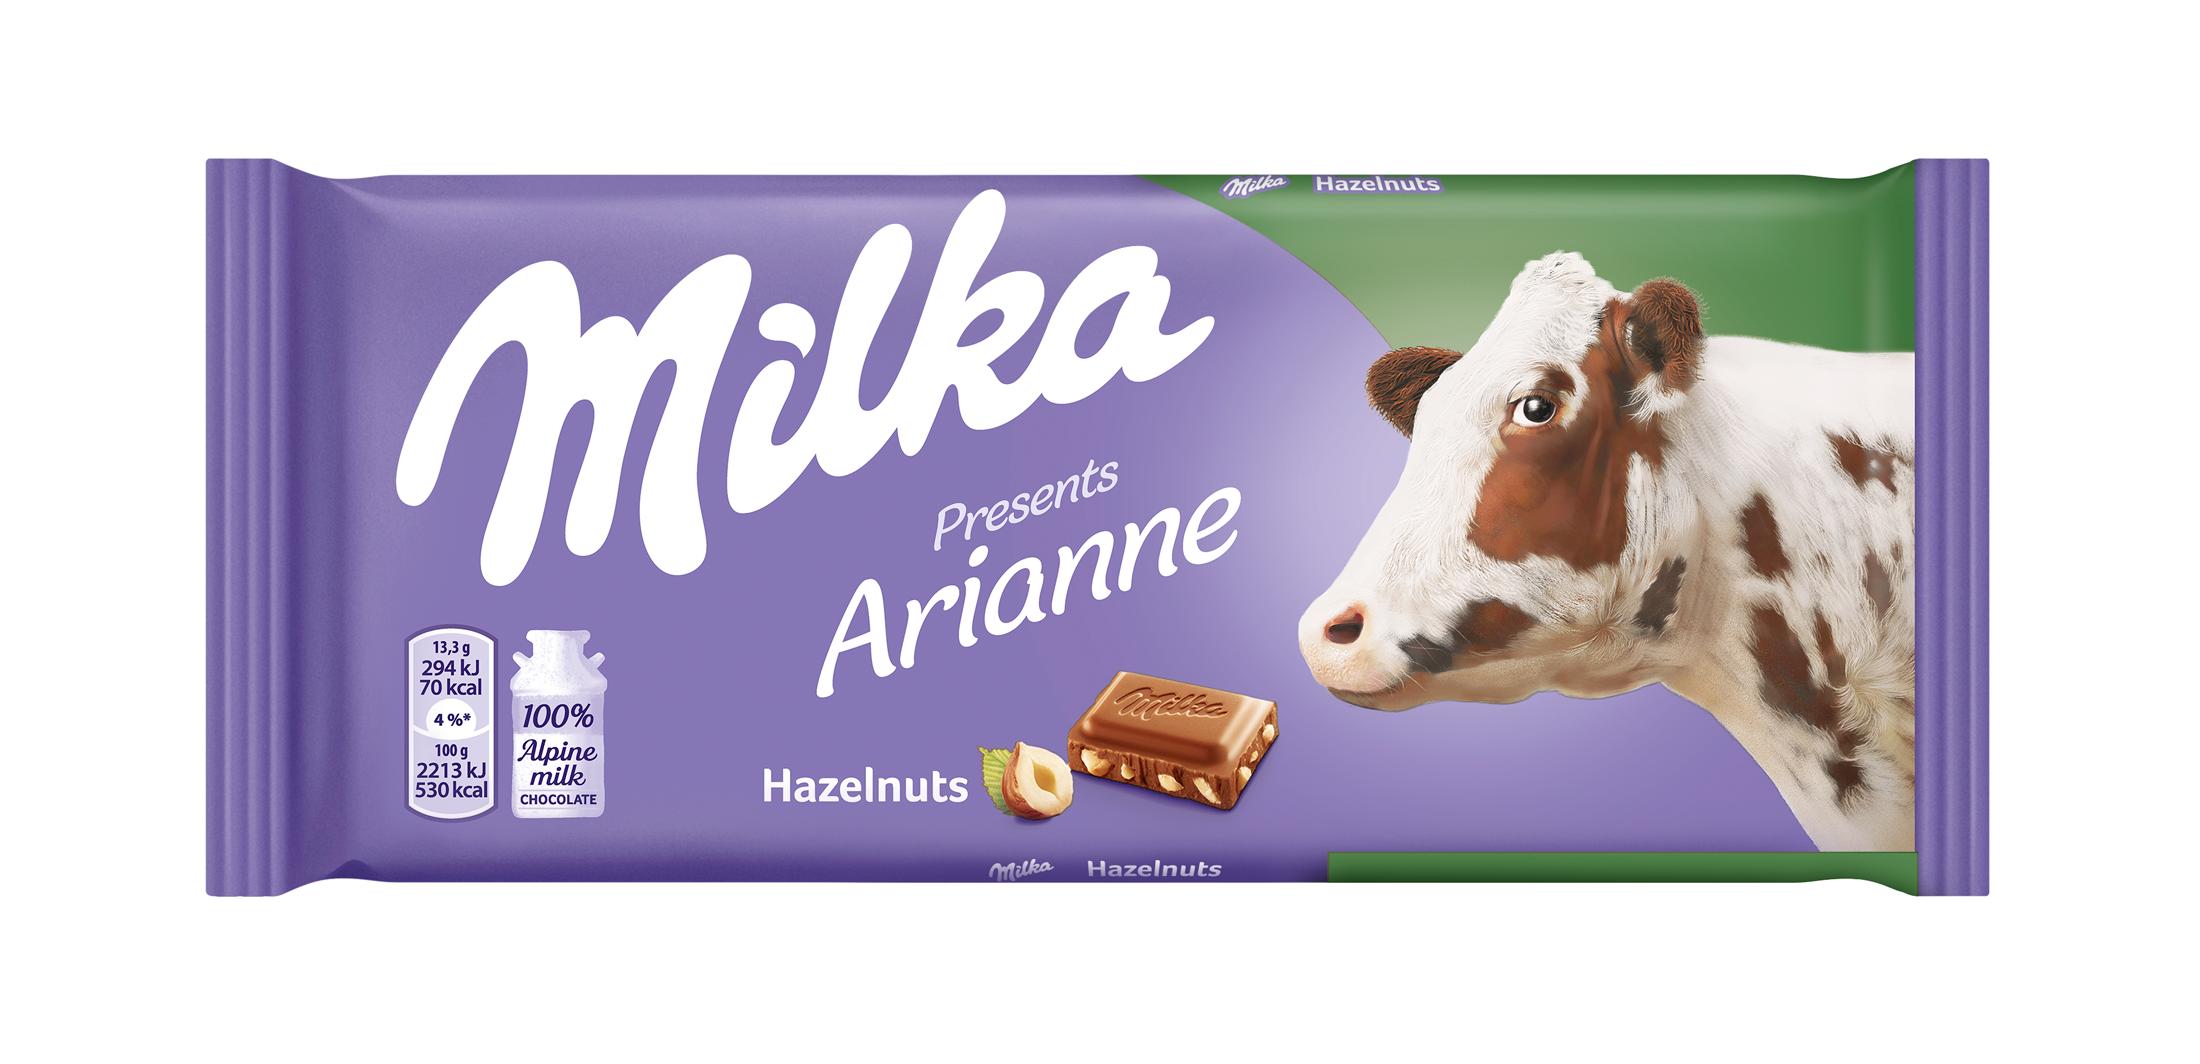 622020-ARIANNE-Hazelnuts-80-g